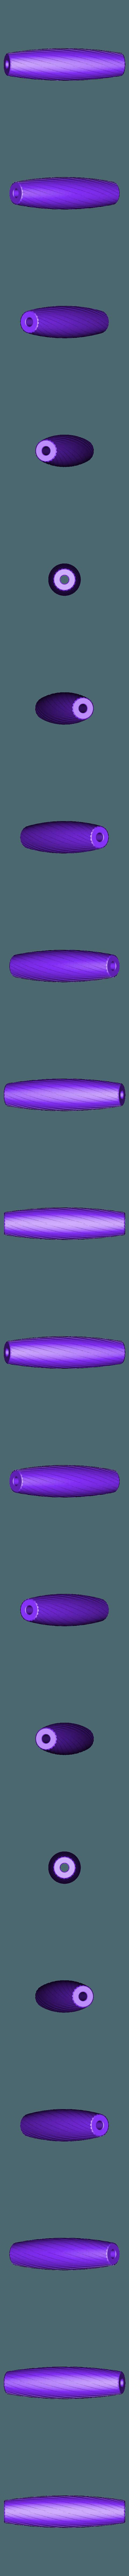 Poignée simple.STL Télécharger fichier STL gratuit Poignée pour pompe (Push up bar) • Modèle pour impression 3D, Mathieu_BZH